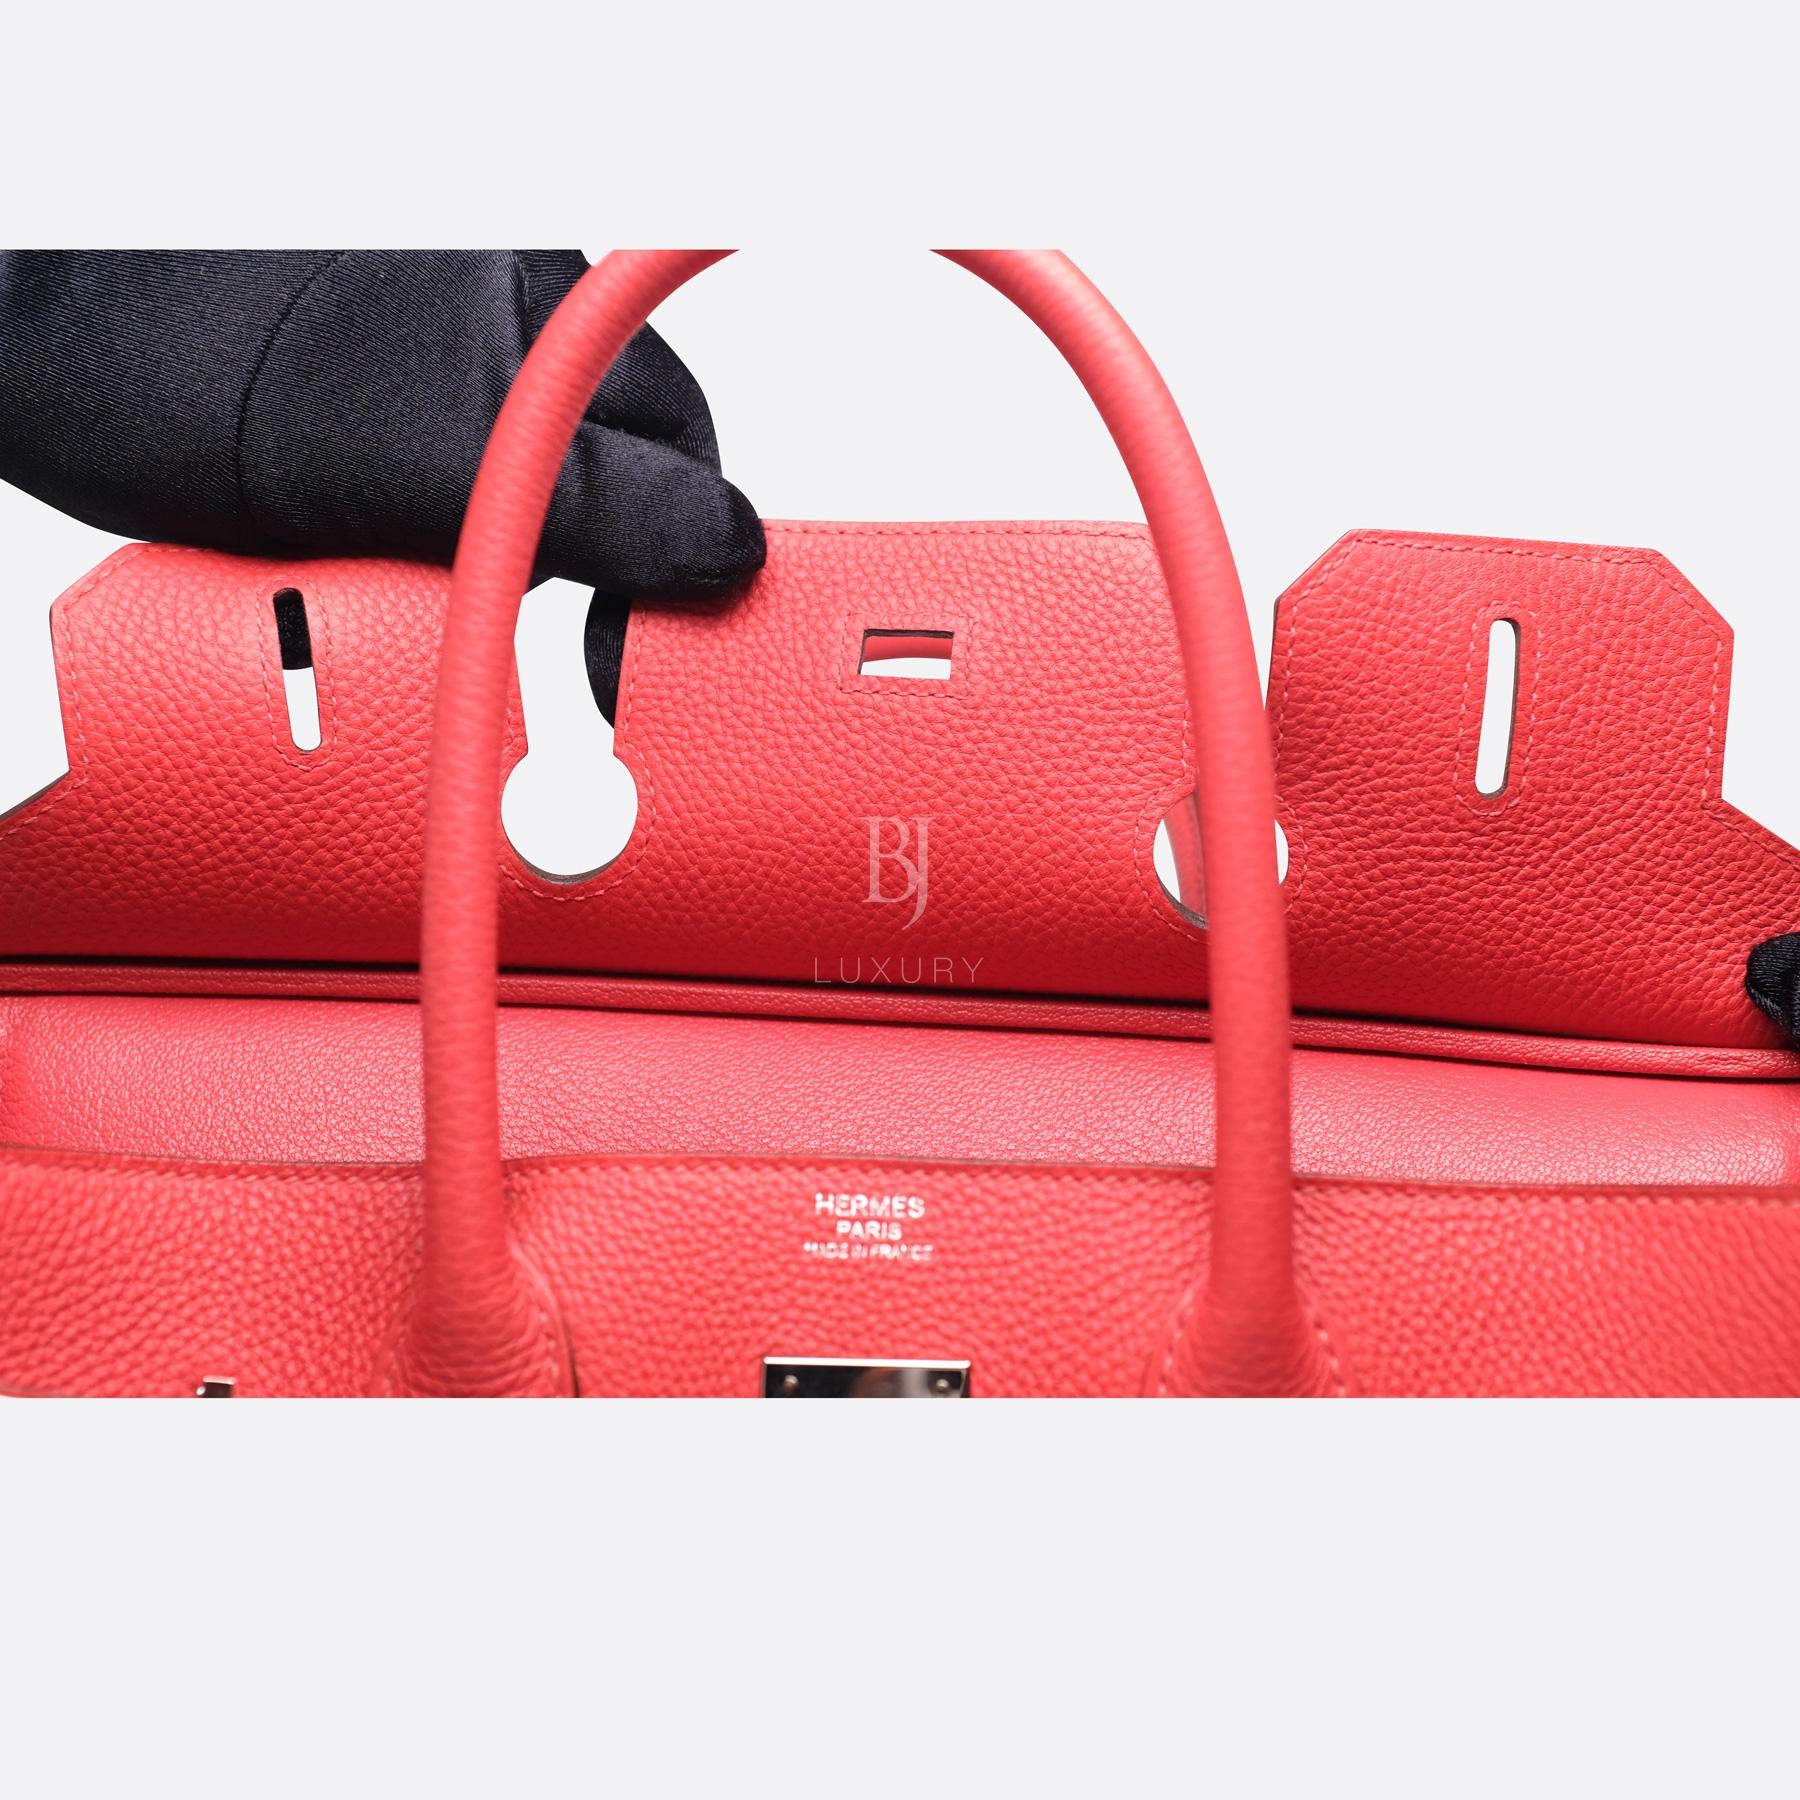 Hermes Birkin 30 Rougue Pivoine Togo Palladium BJ Luxury 6.jpg